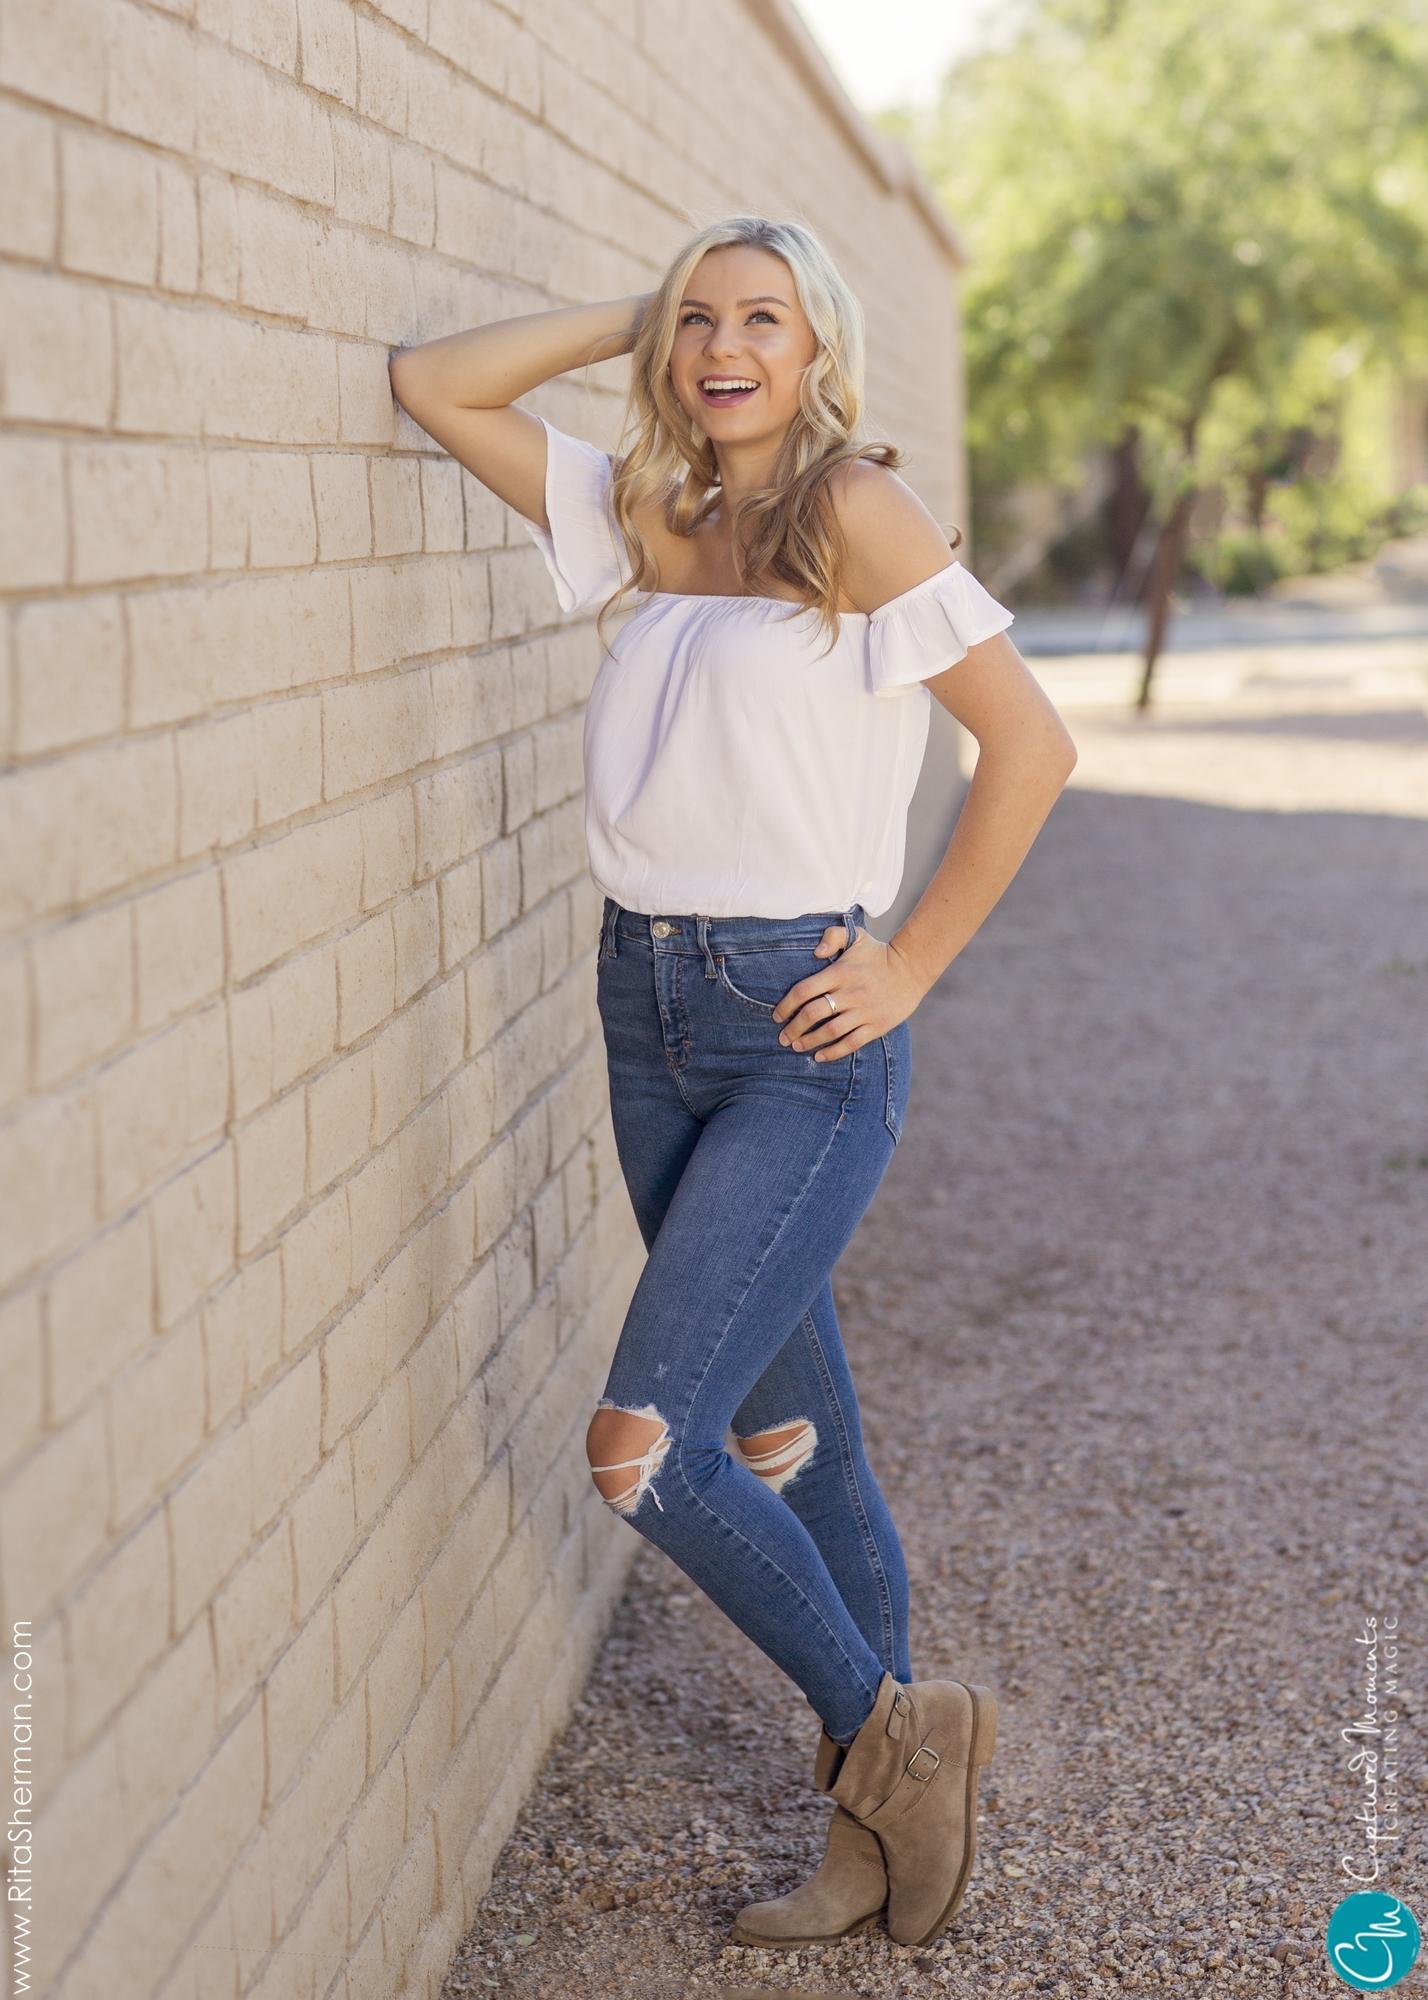 Scottsdale-Portraits-Senior--scottsdale-photographerCaptured-Moments105.jpg